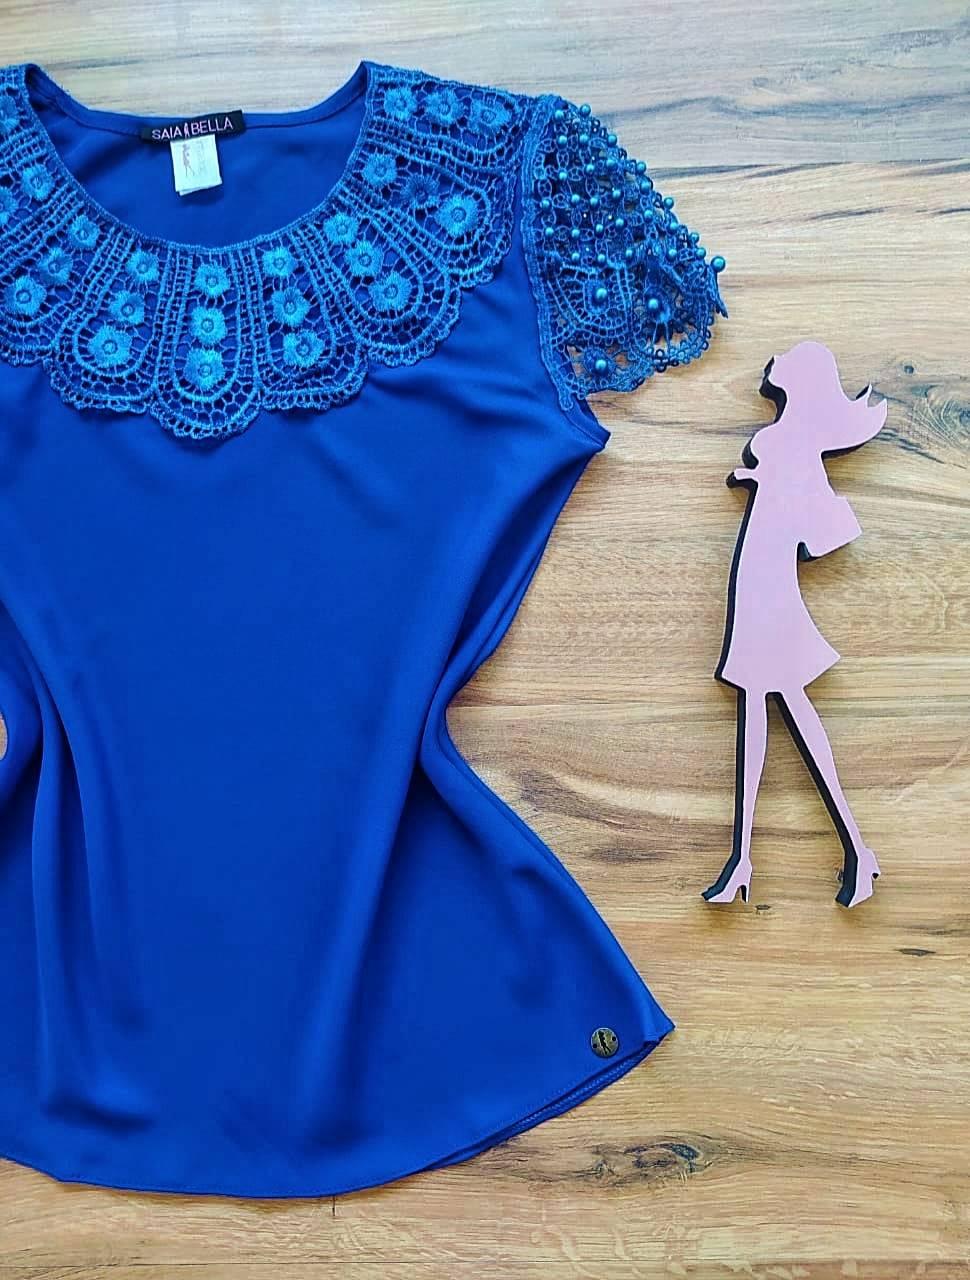 Blusa Fiorella de Renda Saia Bella - SB79902 Azul Royal